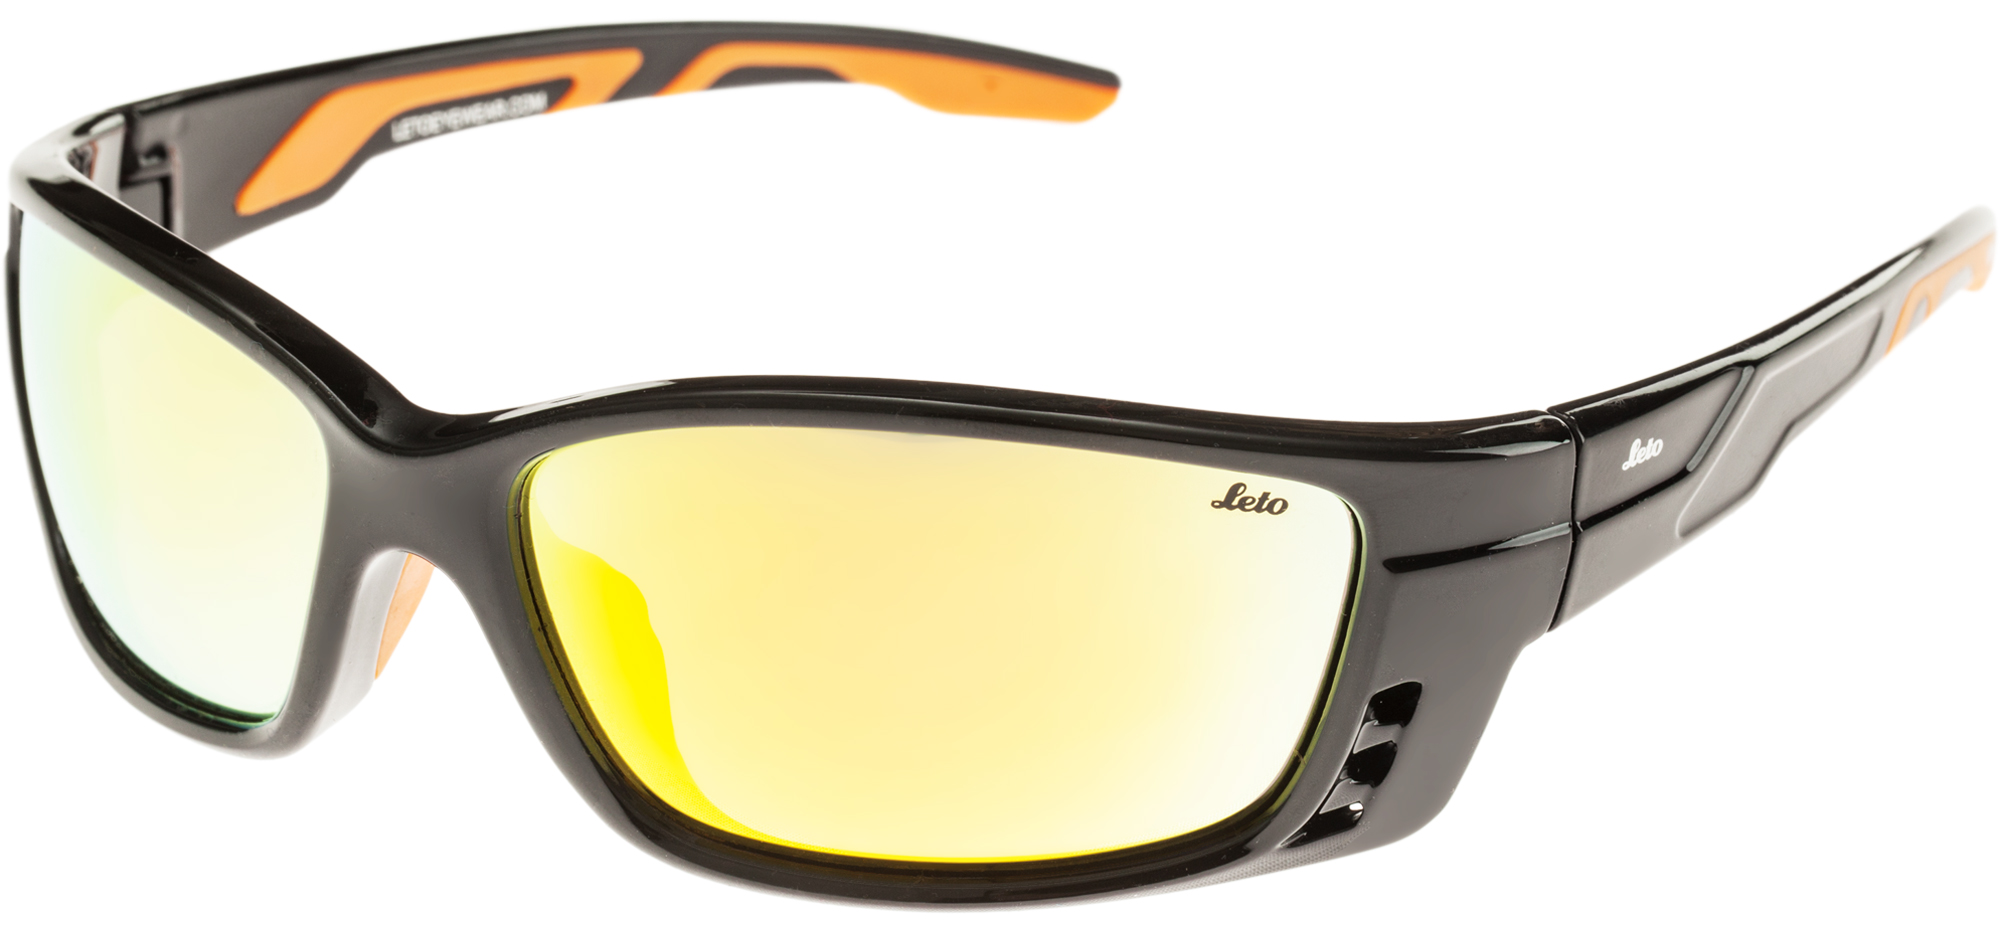 Leto Солнцезащитные очки Leto очки корригирующие grand очки готовые 3 5 g1367 c4